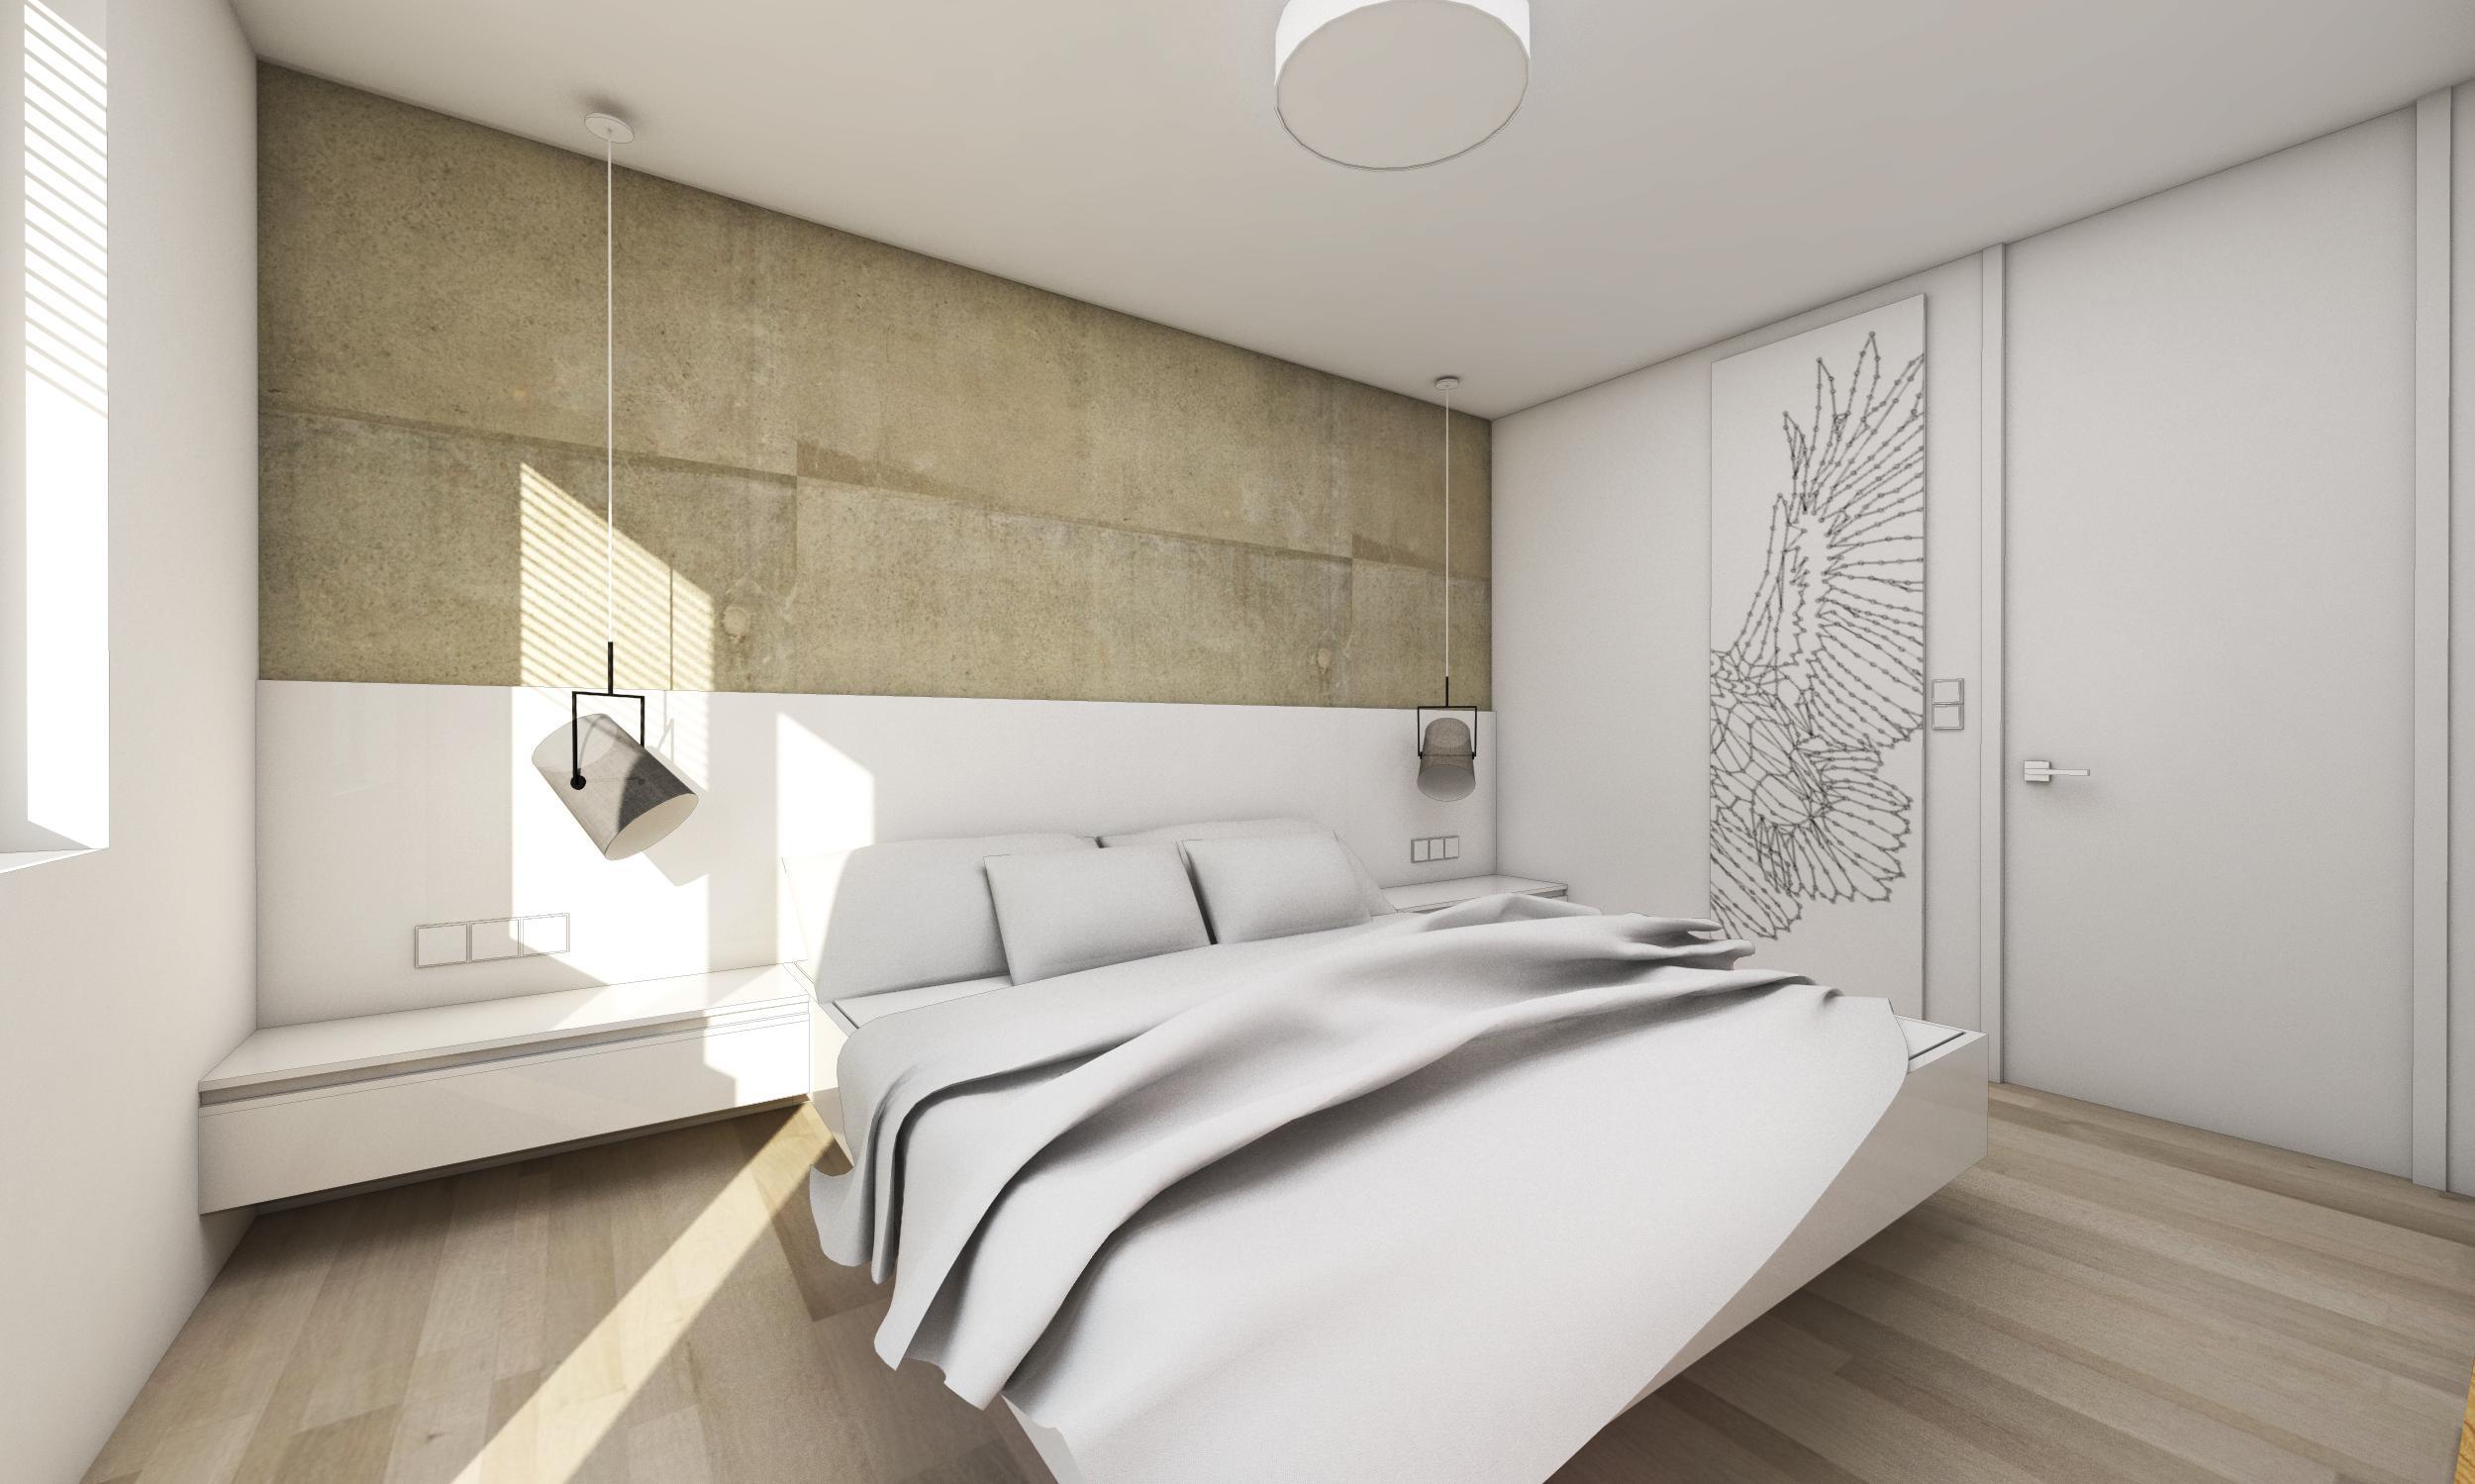 Drei Zimmer Wohnung Mit Einer Betonwand Bratislava